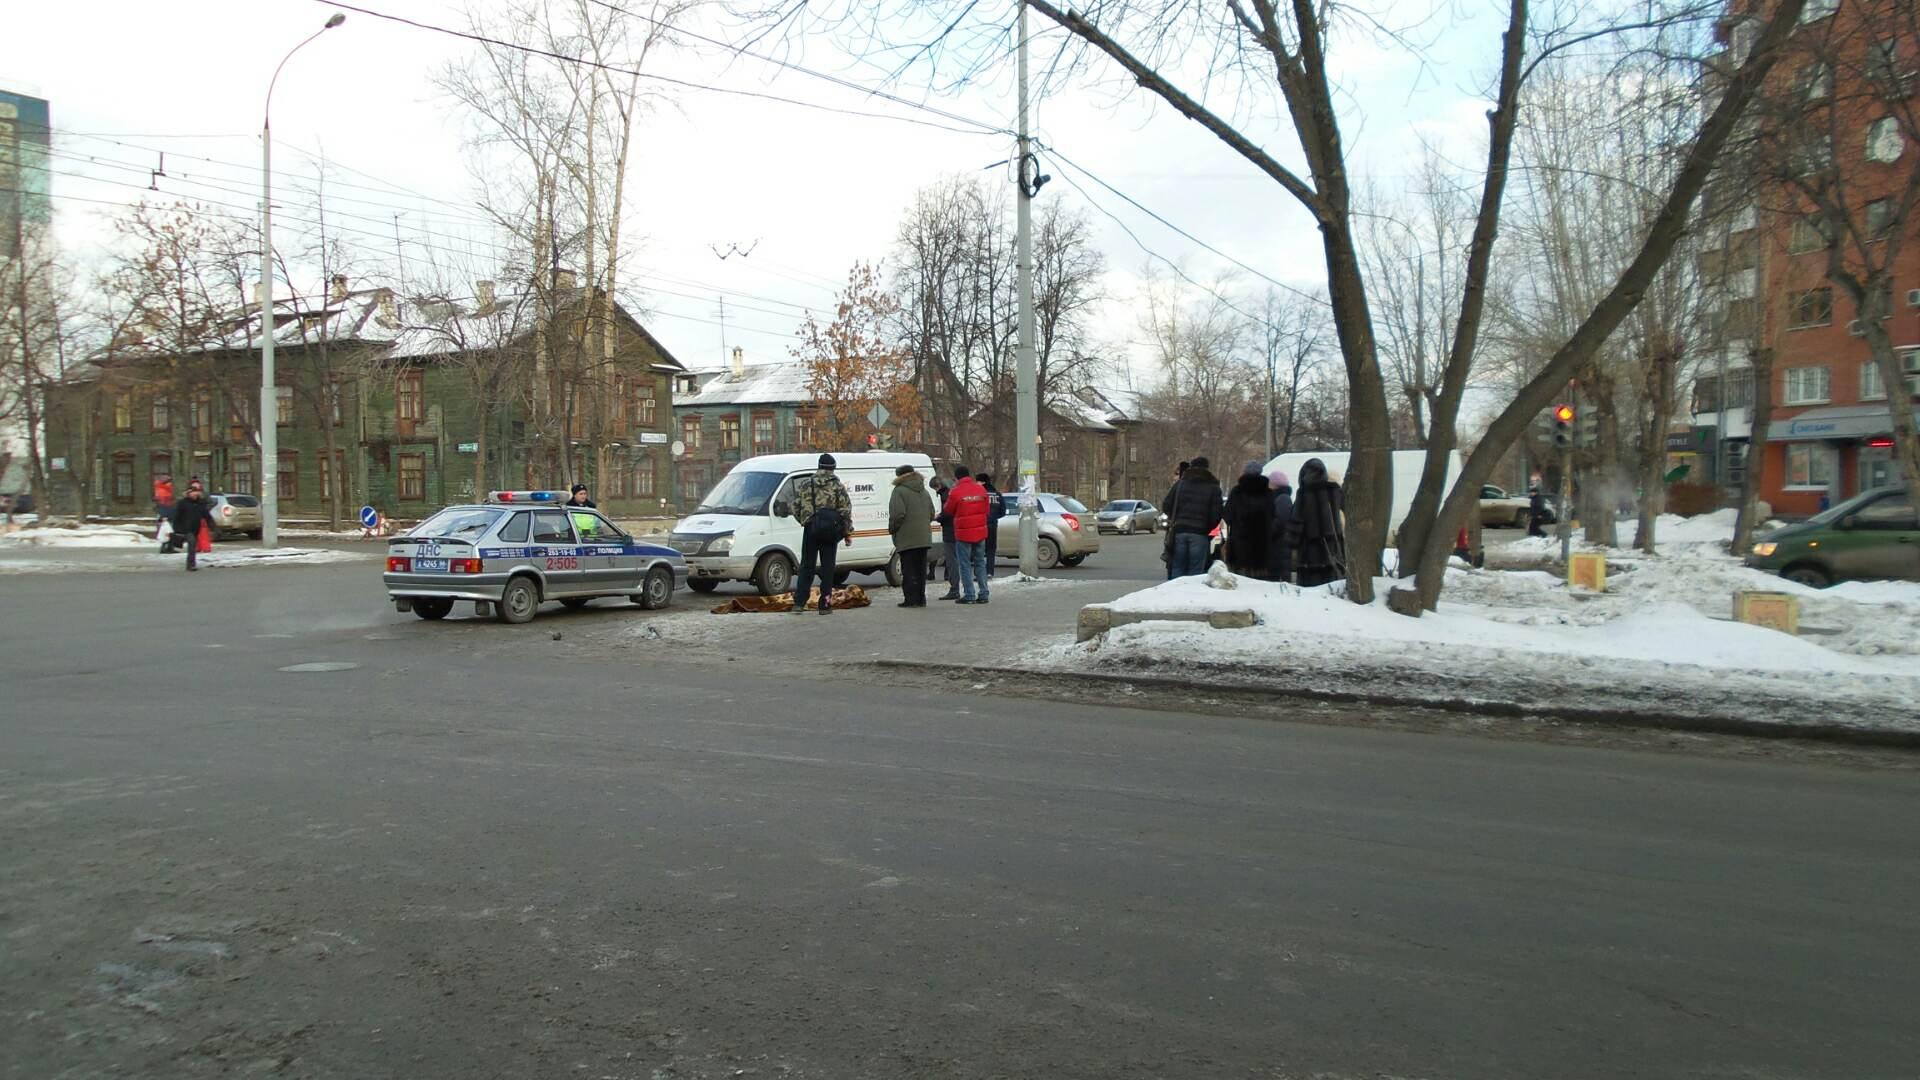 Перекресток, на котором сбили школьника с Уралмаша, мог стать безопаснее, но мэрия не нашла денег